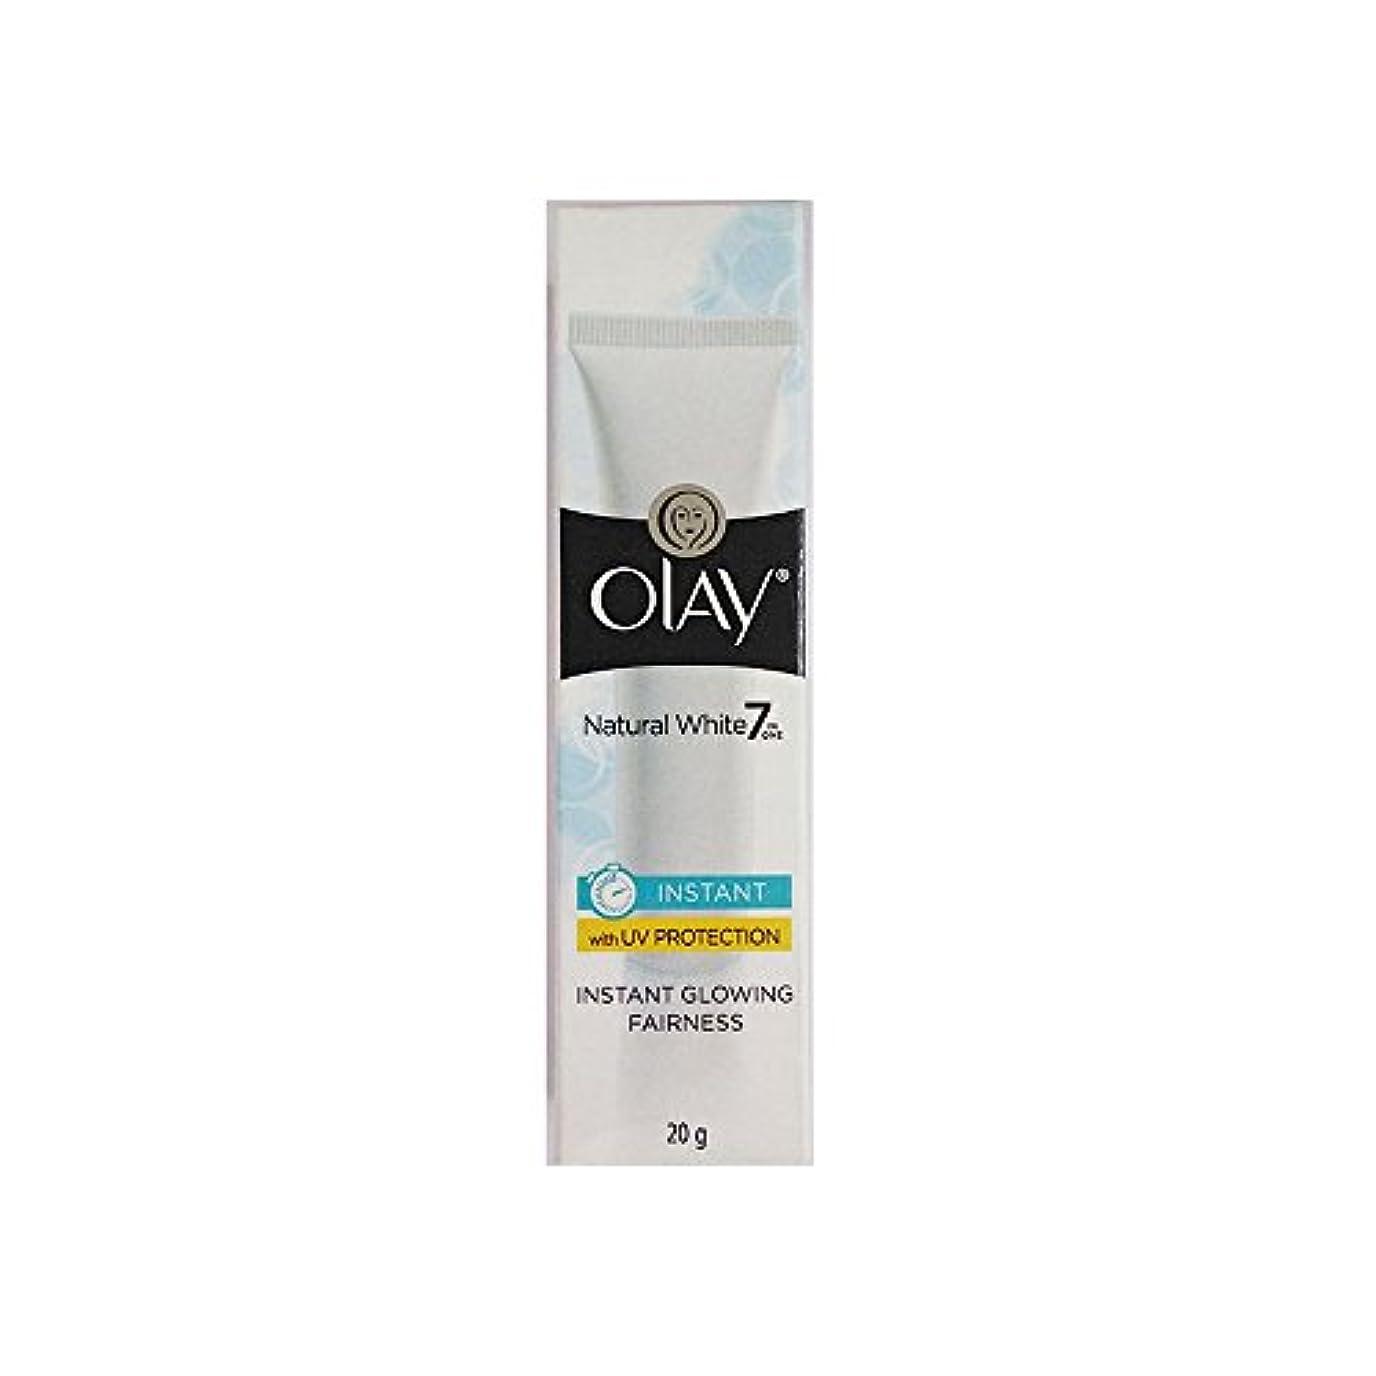 モンキーアシスタントアルカイックOlay Natural White Light Instant Glowing Fairness Cream, 20g